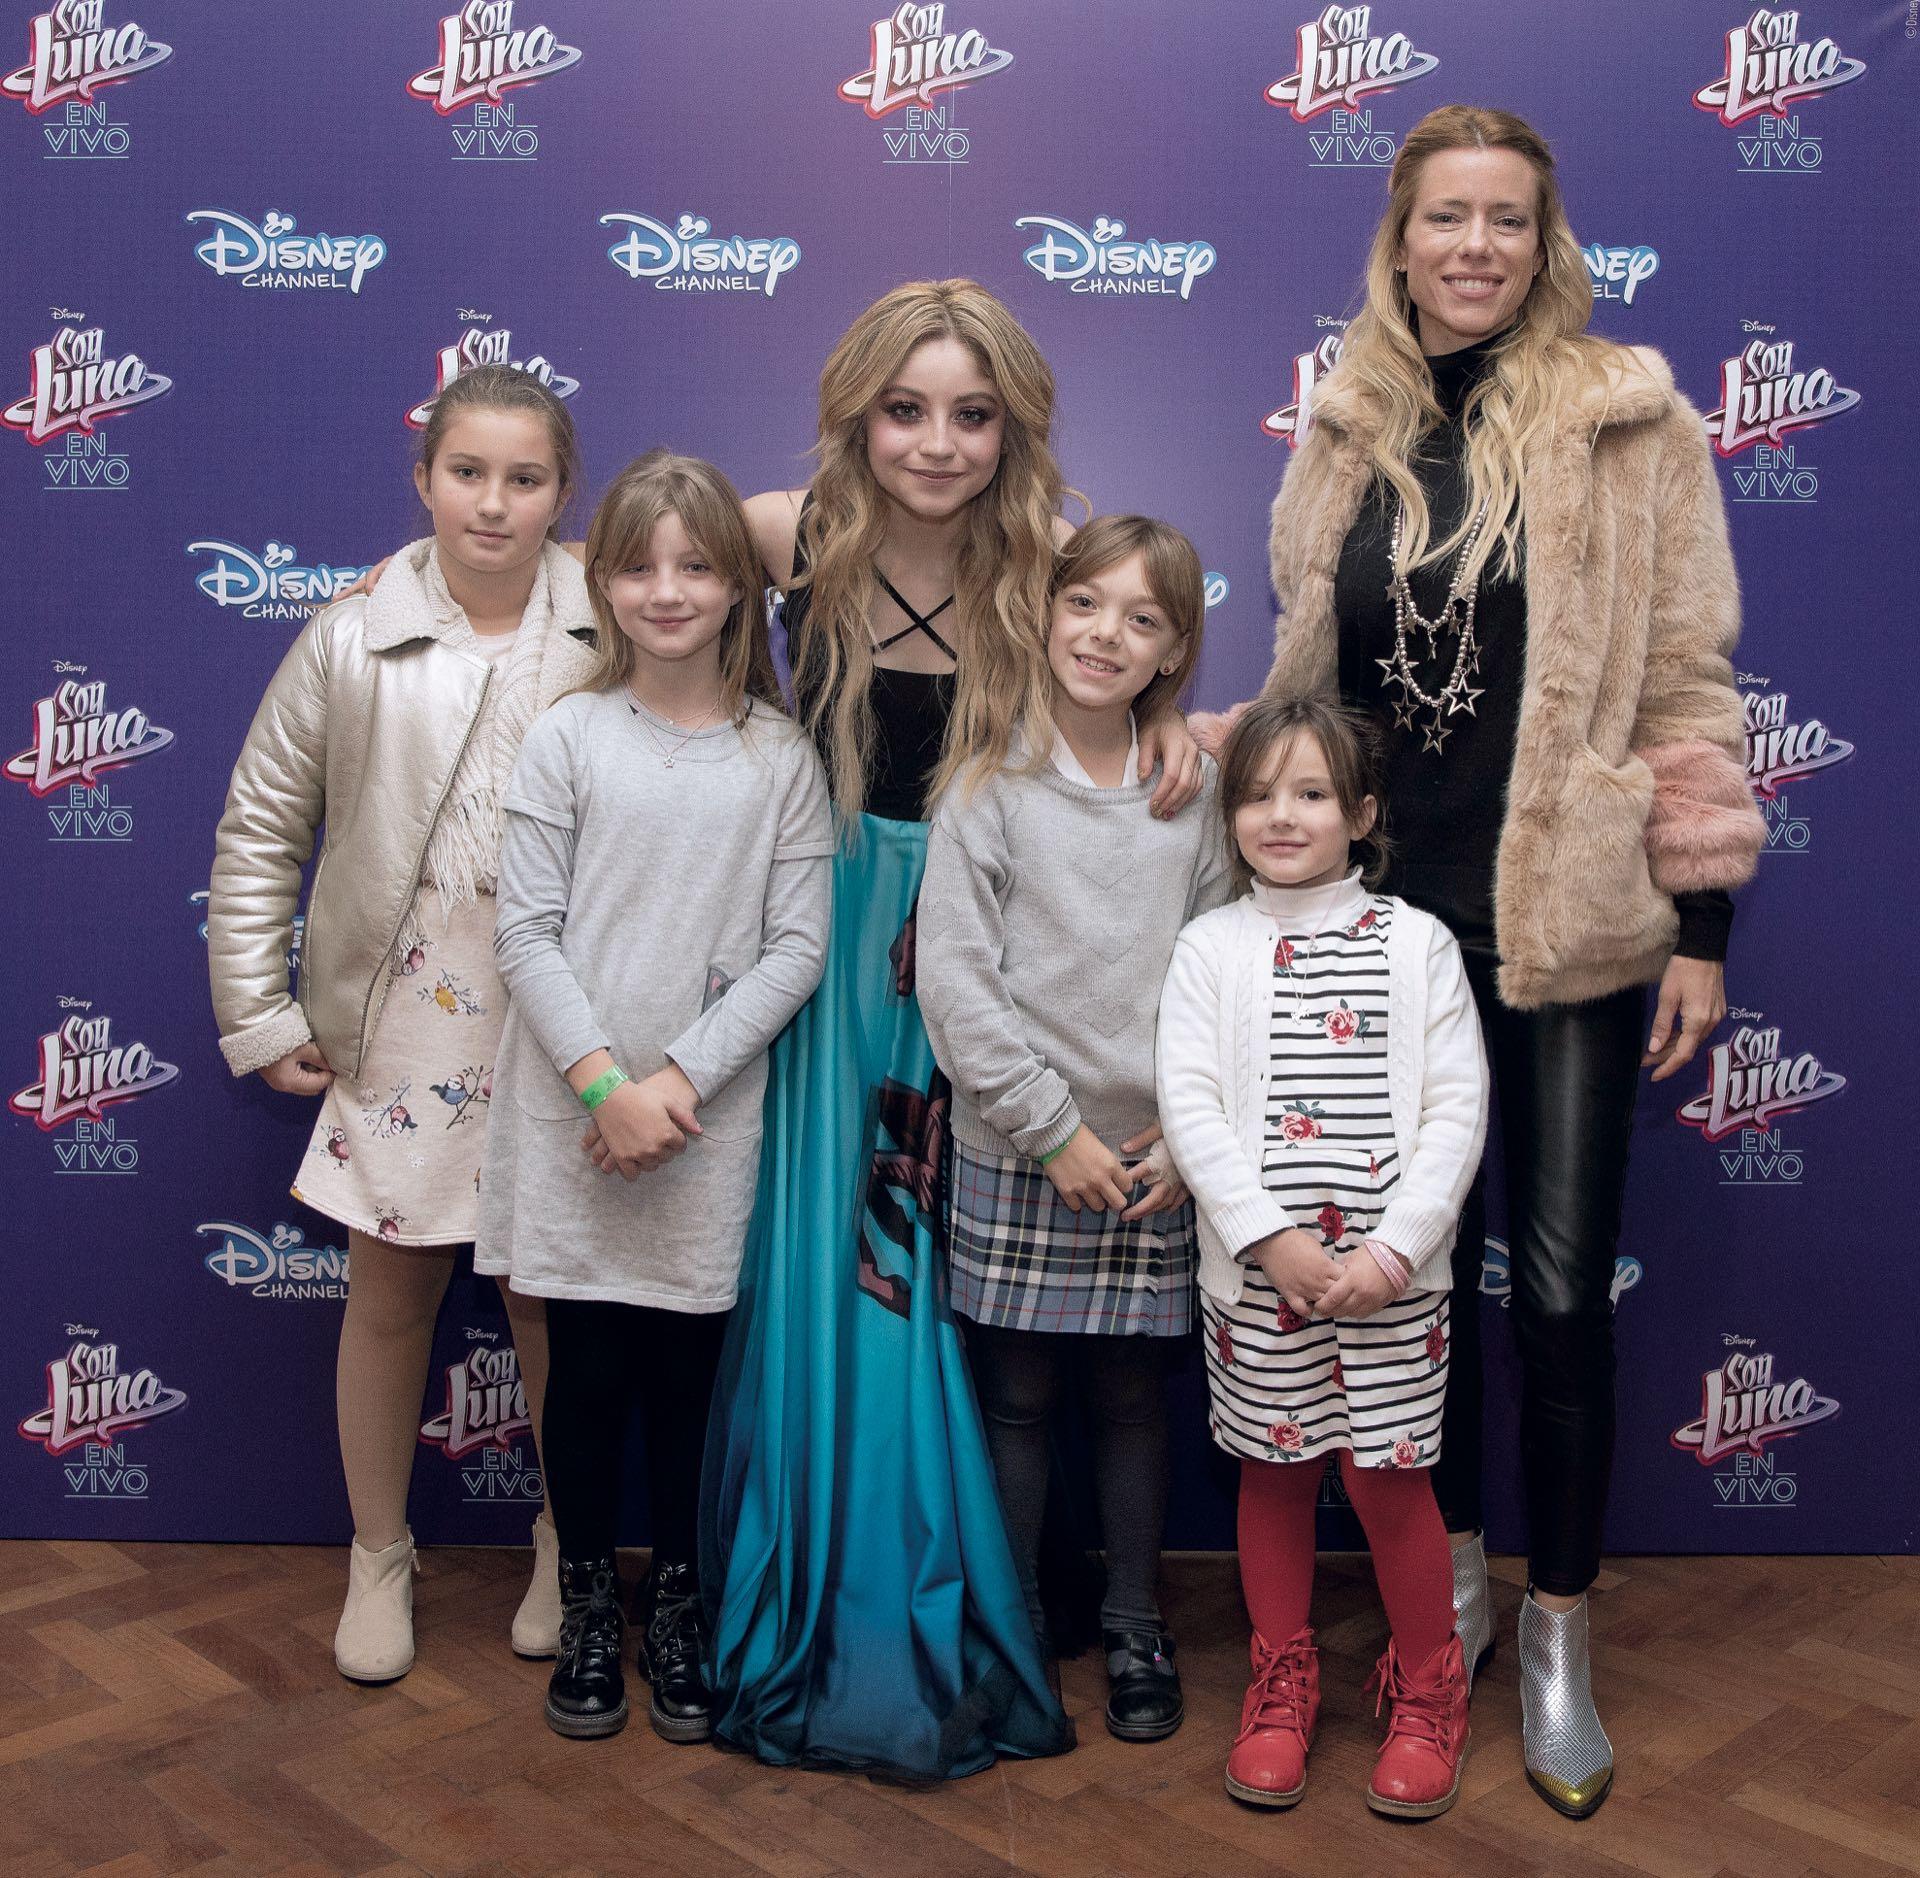 Karol Sevilla junto a Nicole Neumann y sus hijas: Indiana, Allegar y Sienna y una amiguita.